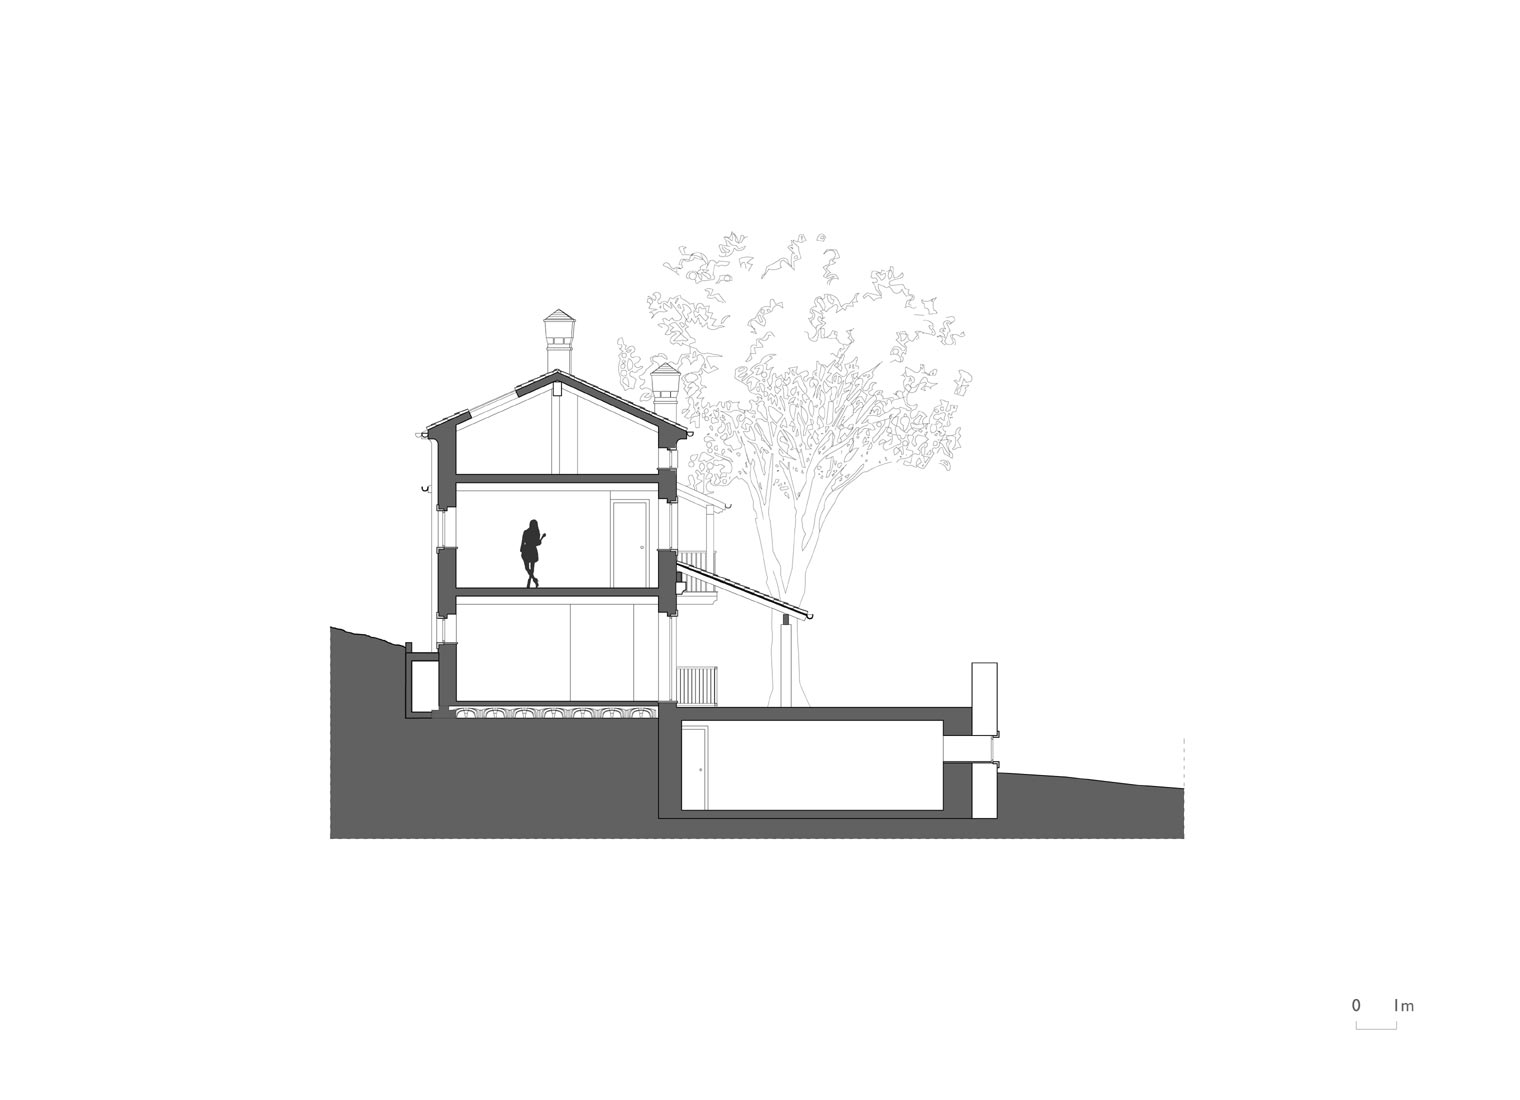 vk-architetti_samatorza_sez1